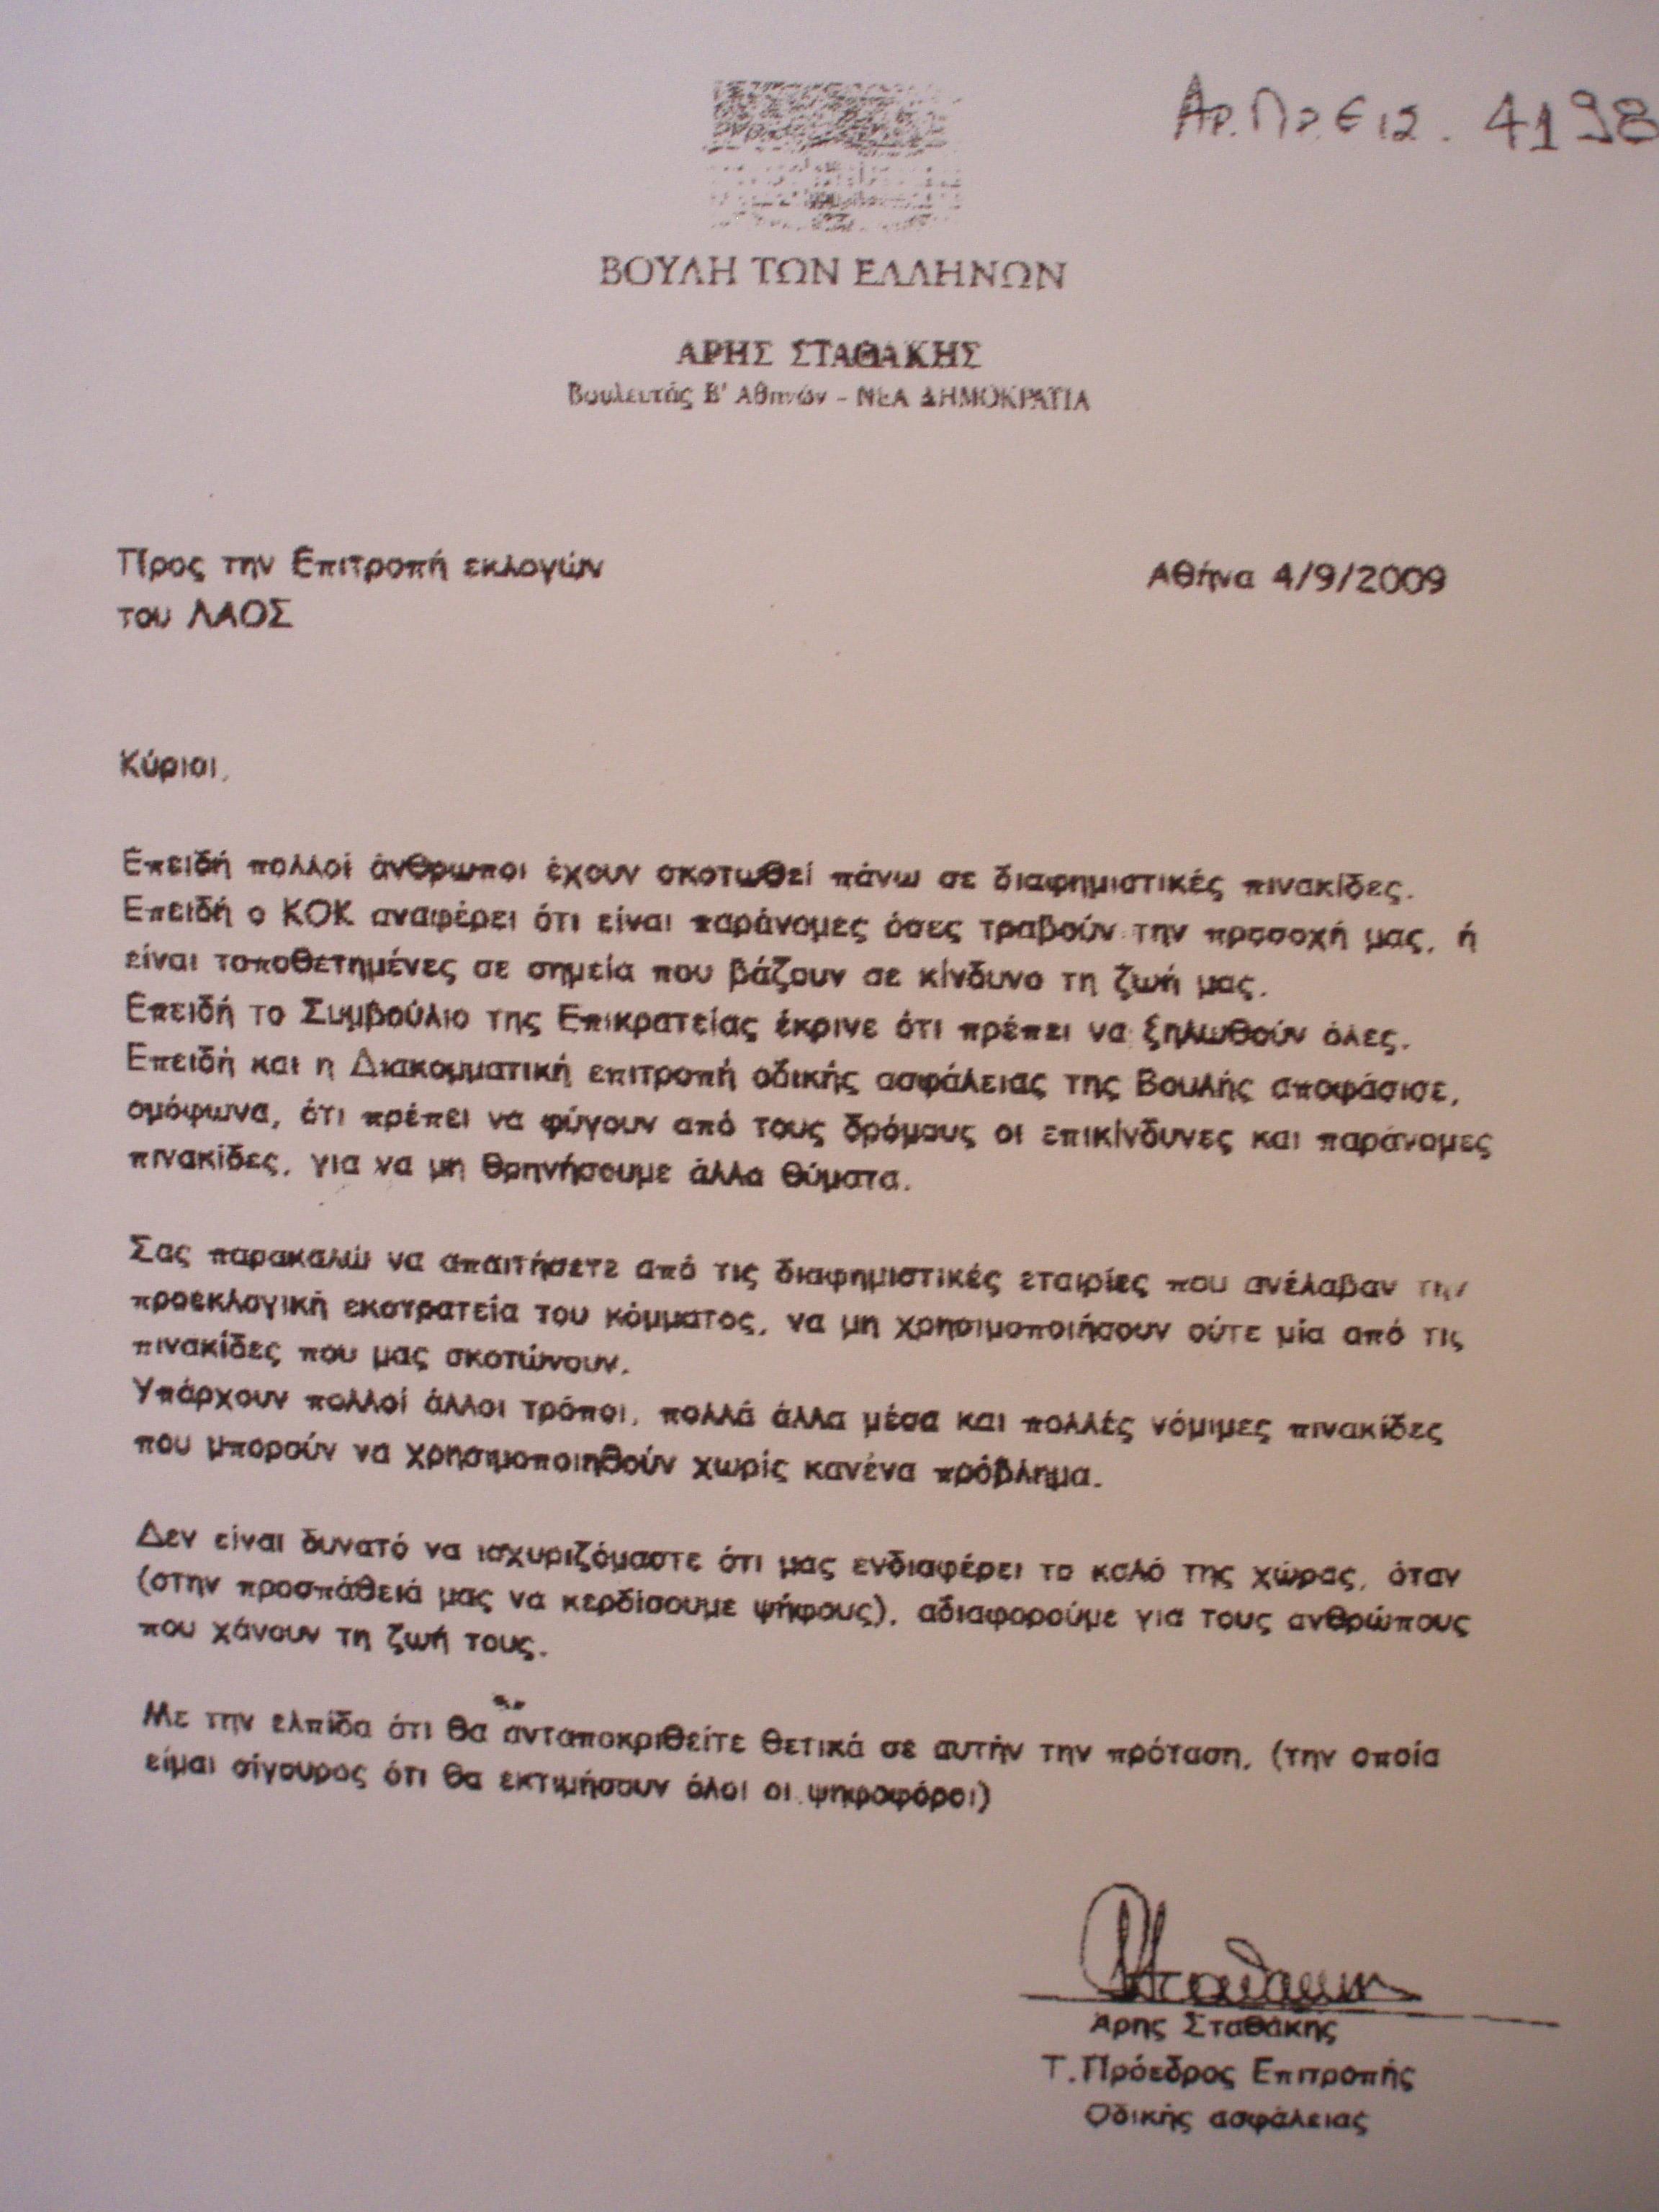 Επιστολή Άρη Σταθάκη προς όλα τα κόμματα ενόψει των εκλογών της 4ης Οκτωβρίου 2009.